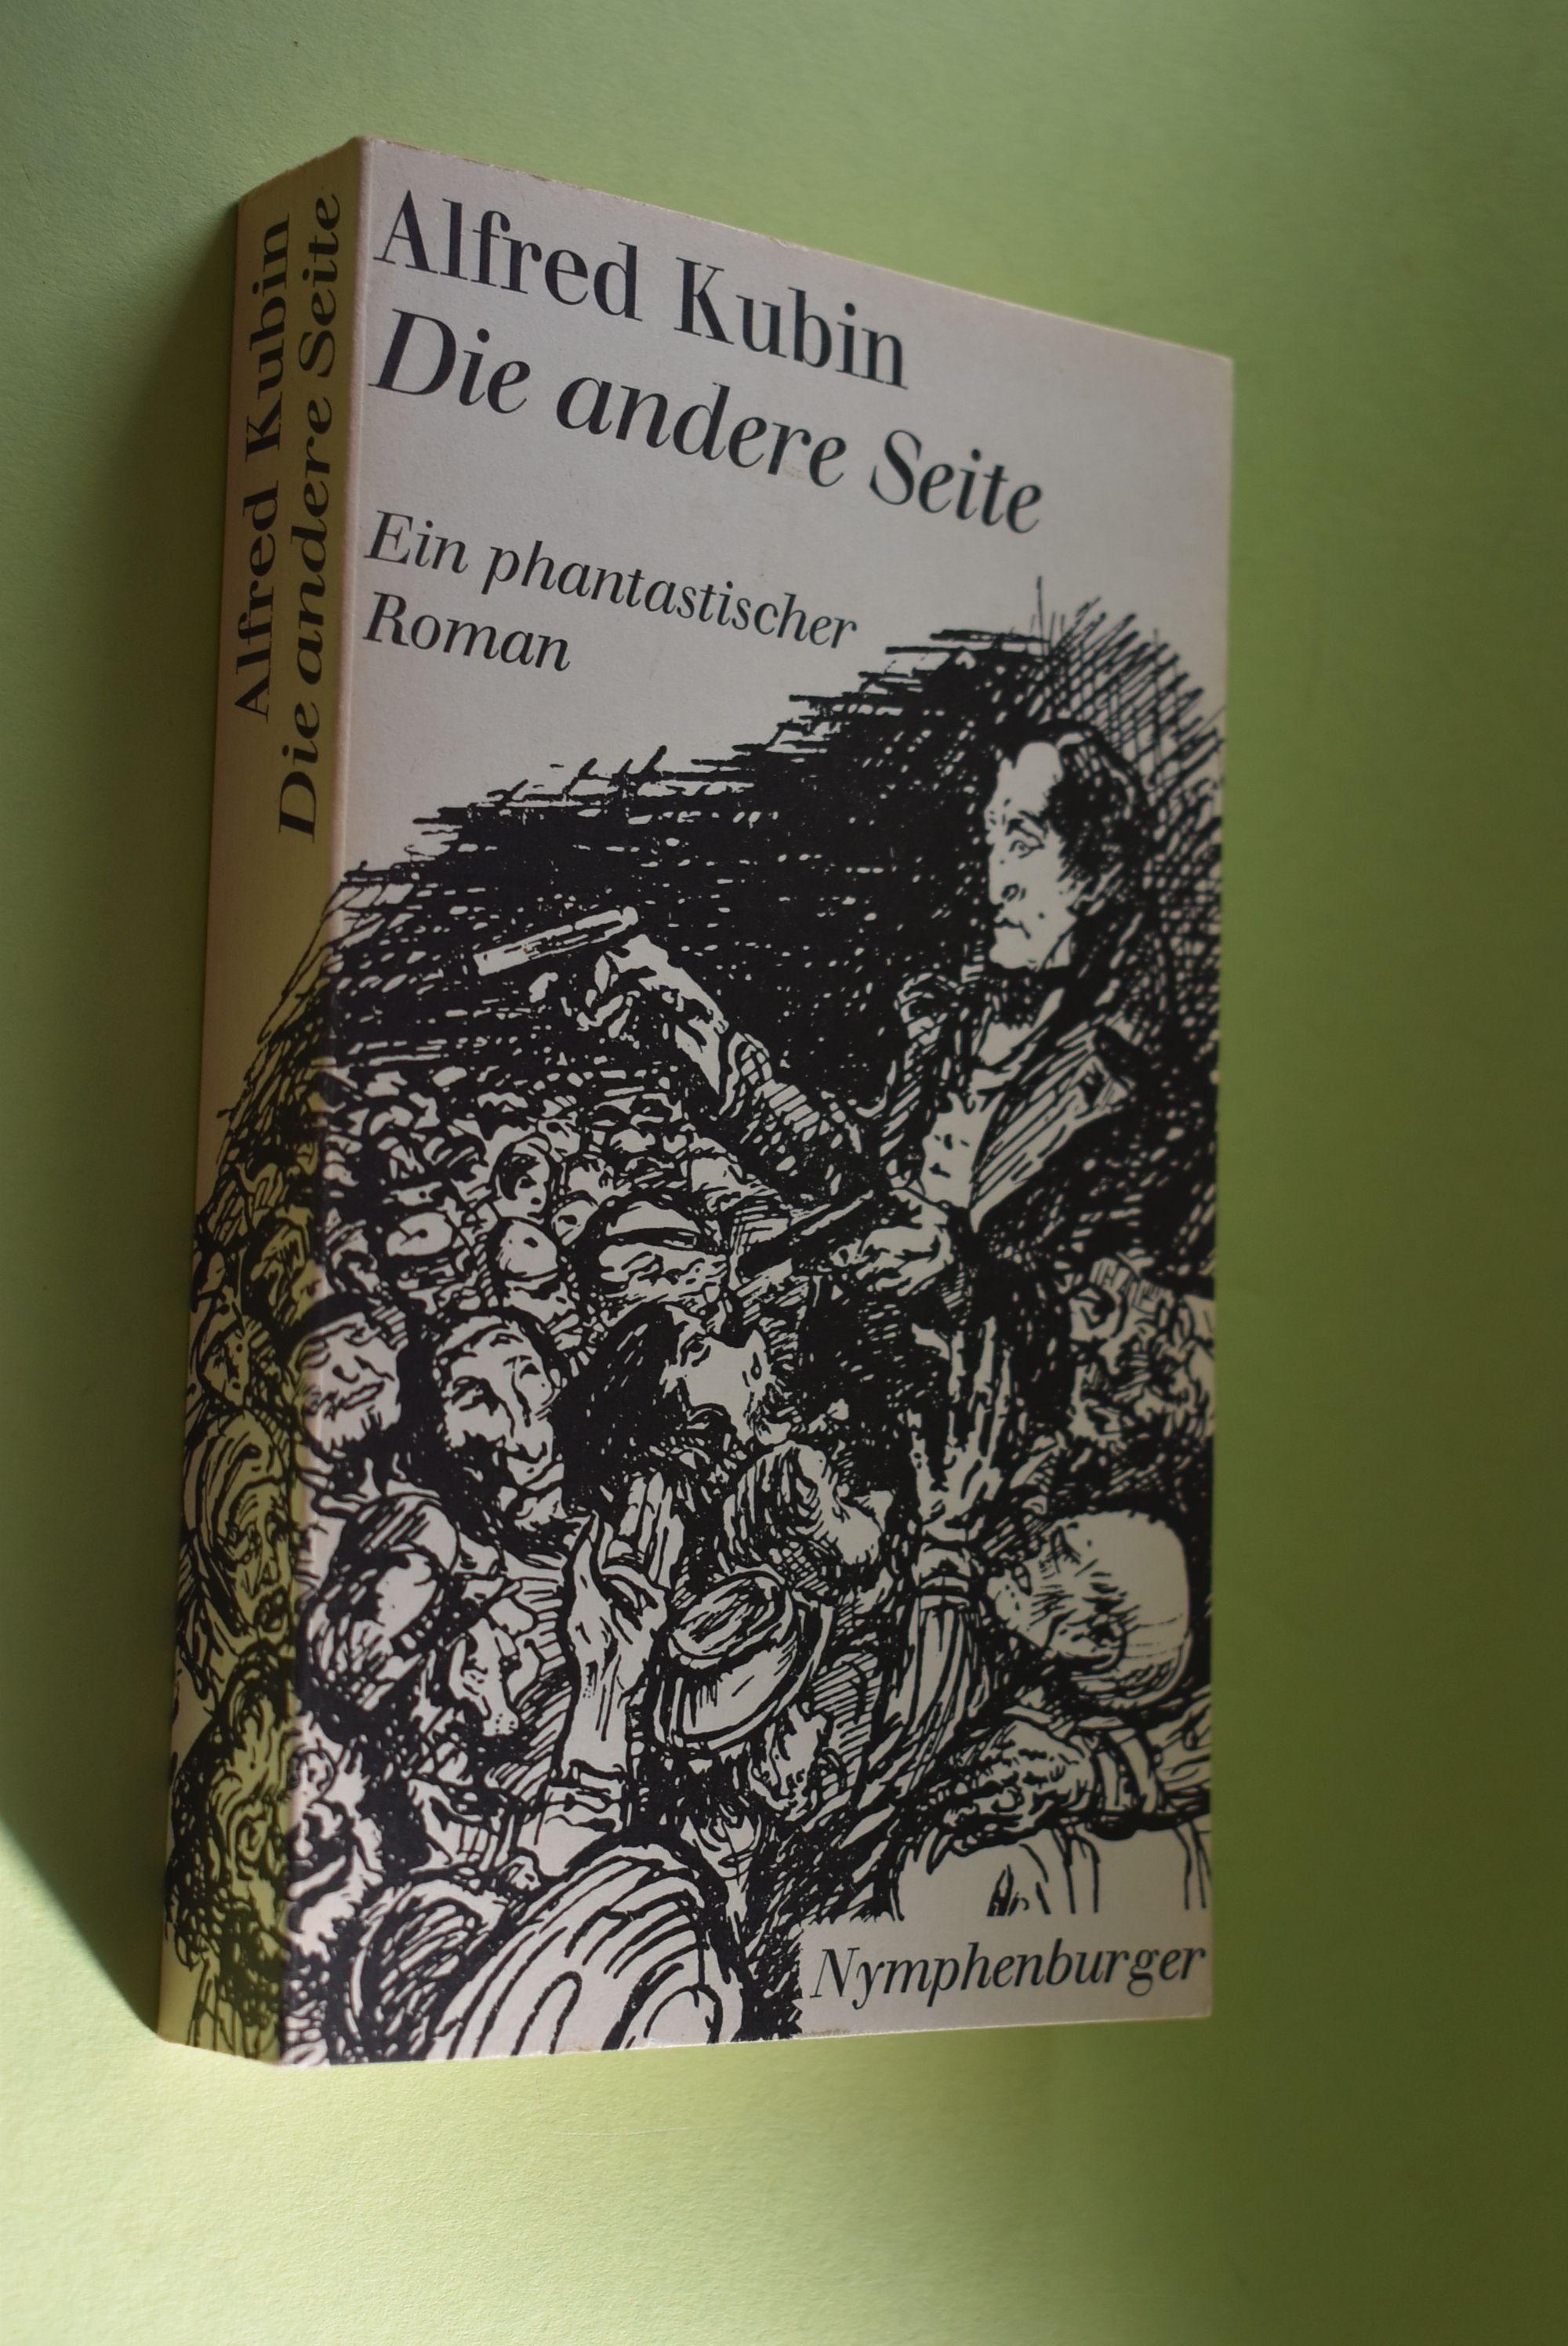 Die andere Seite : ein phantastischer Roman. - Kubin, Alfred